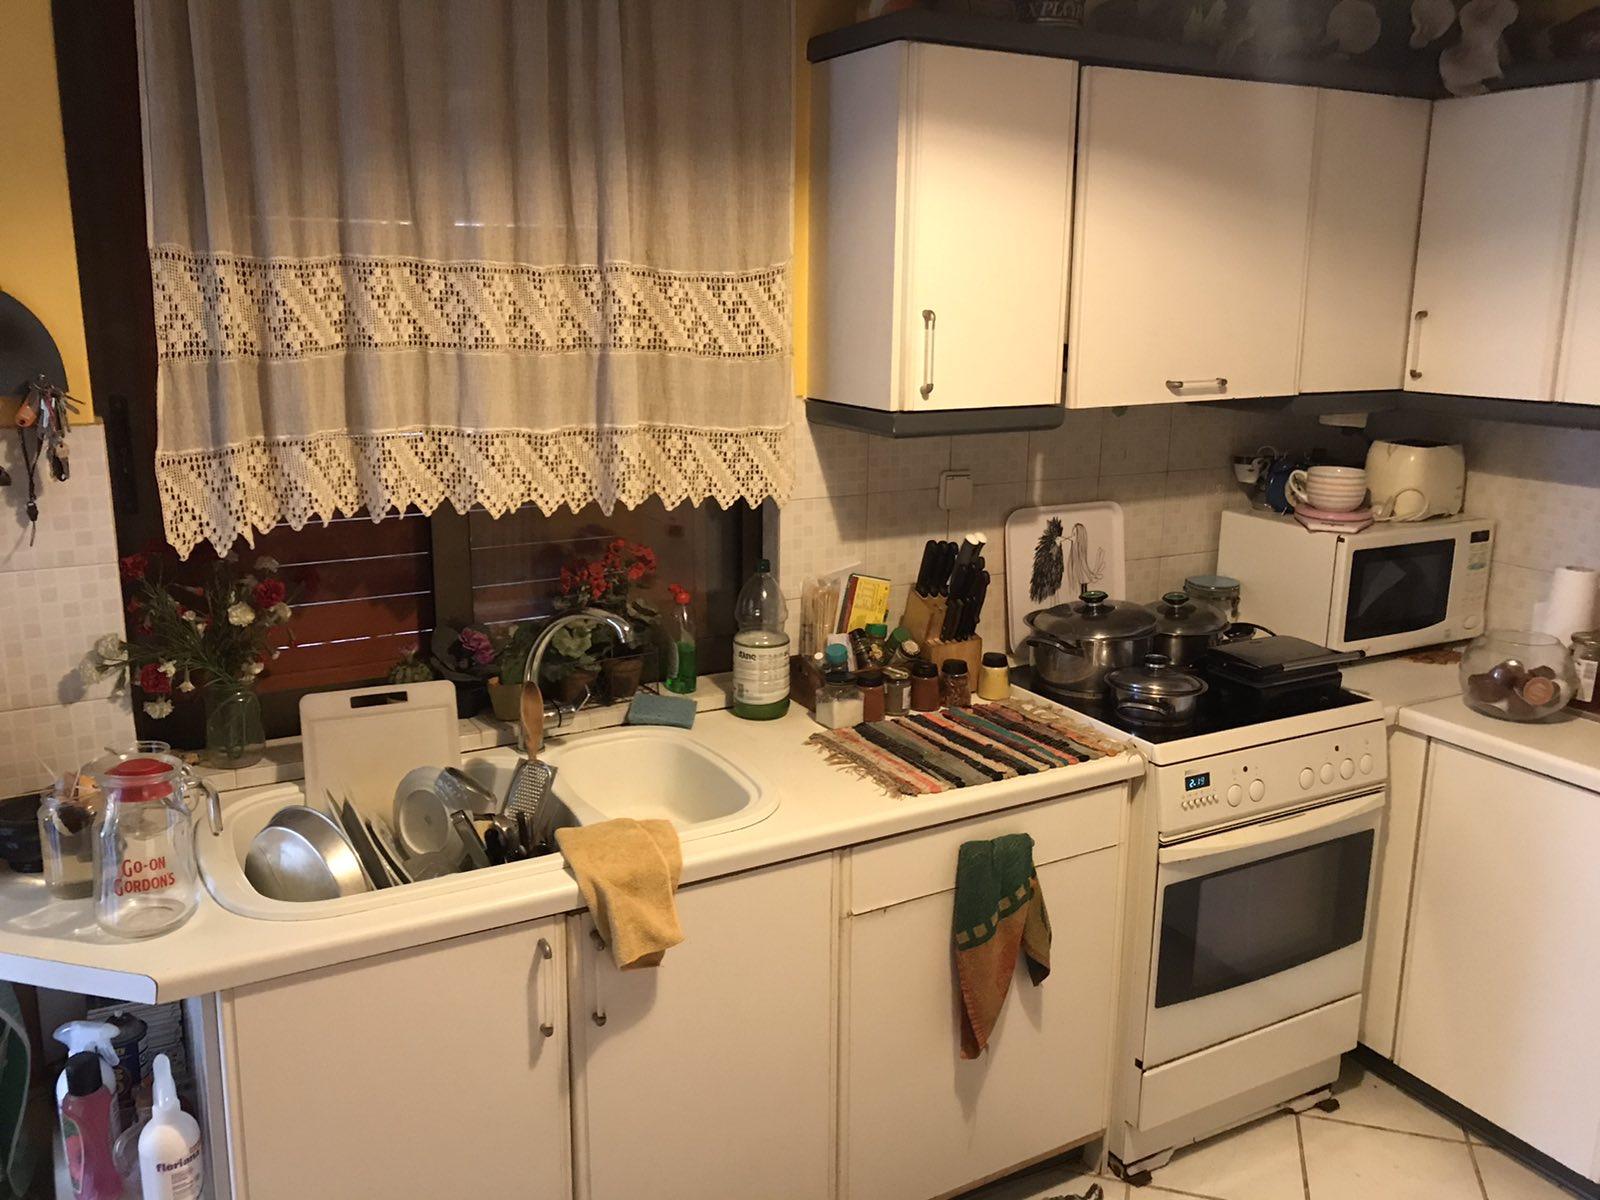 Ανακαίνιση κουζίνας στο Ν. Ψυχικό